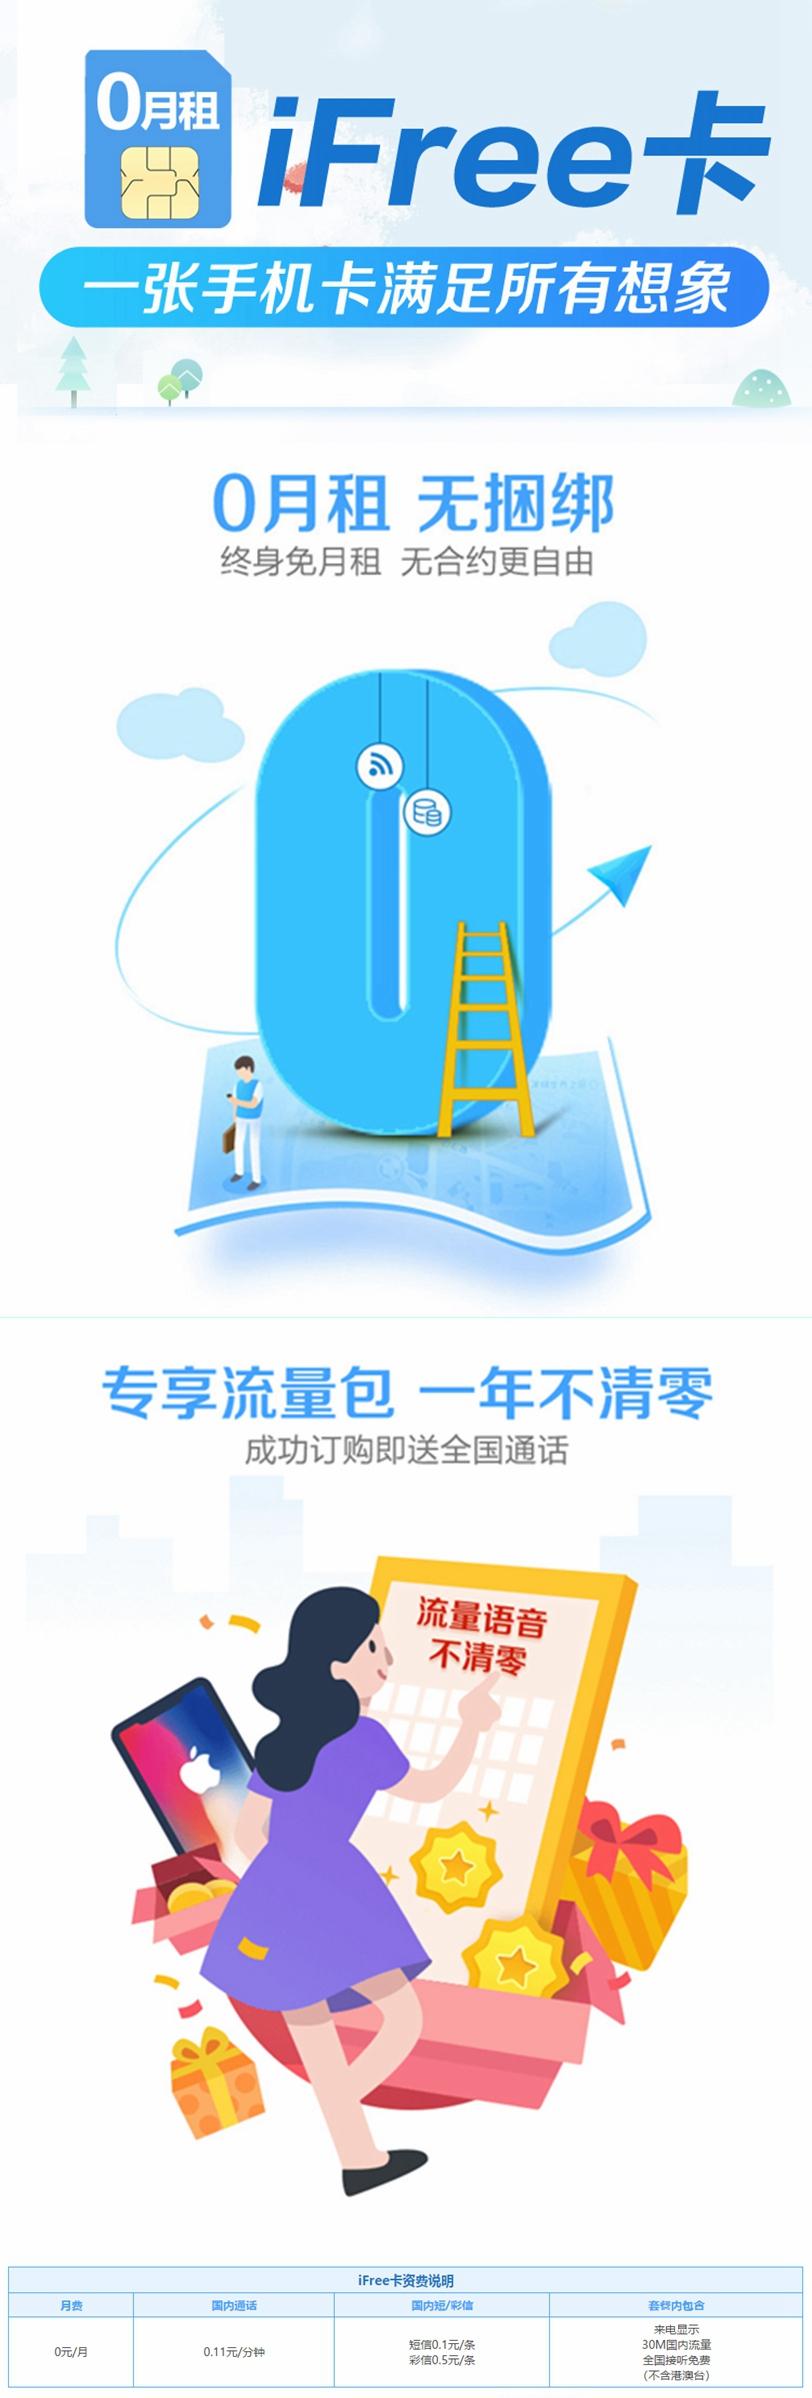 安徽电信1元申请0月租iFree卡 全国通用 拿来接码做小号必备!